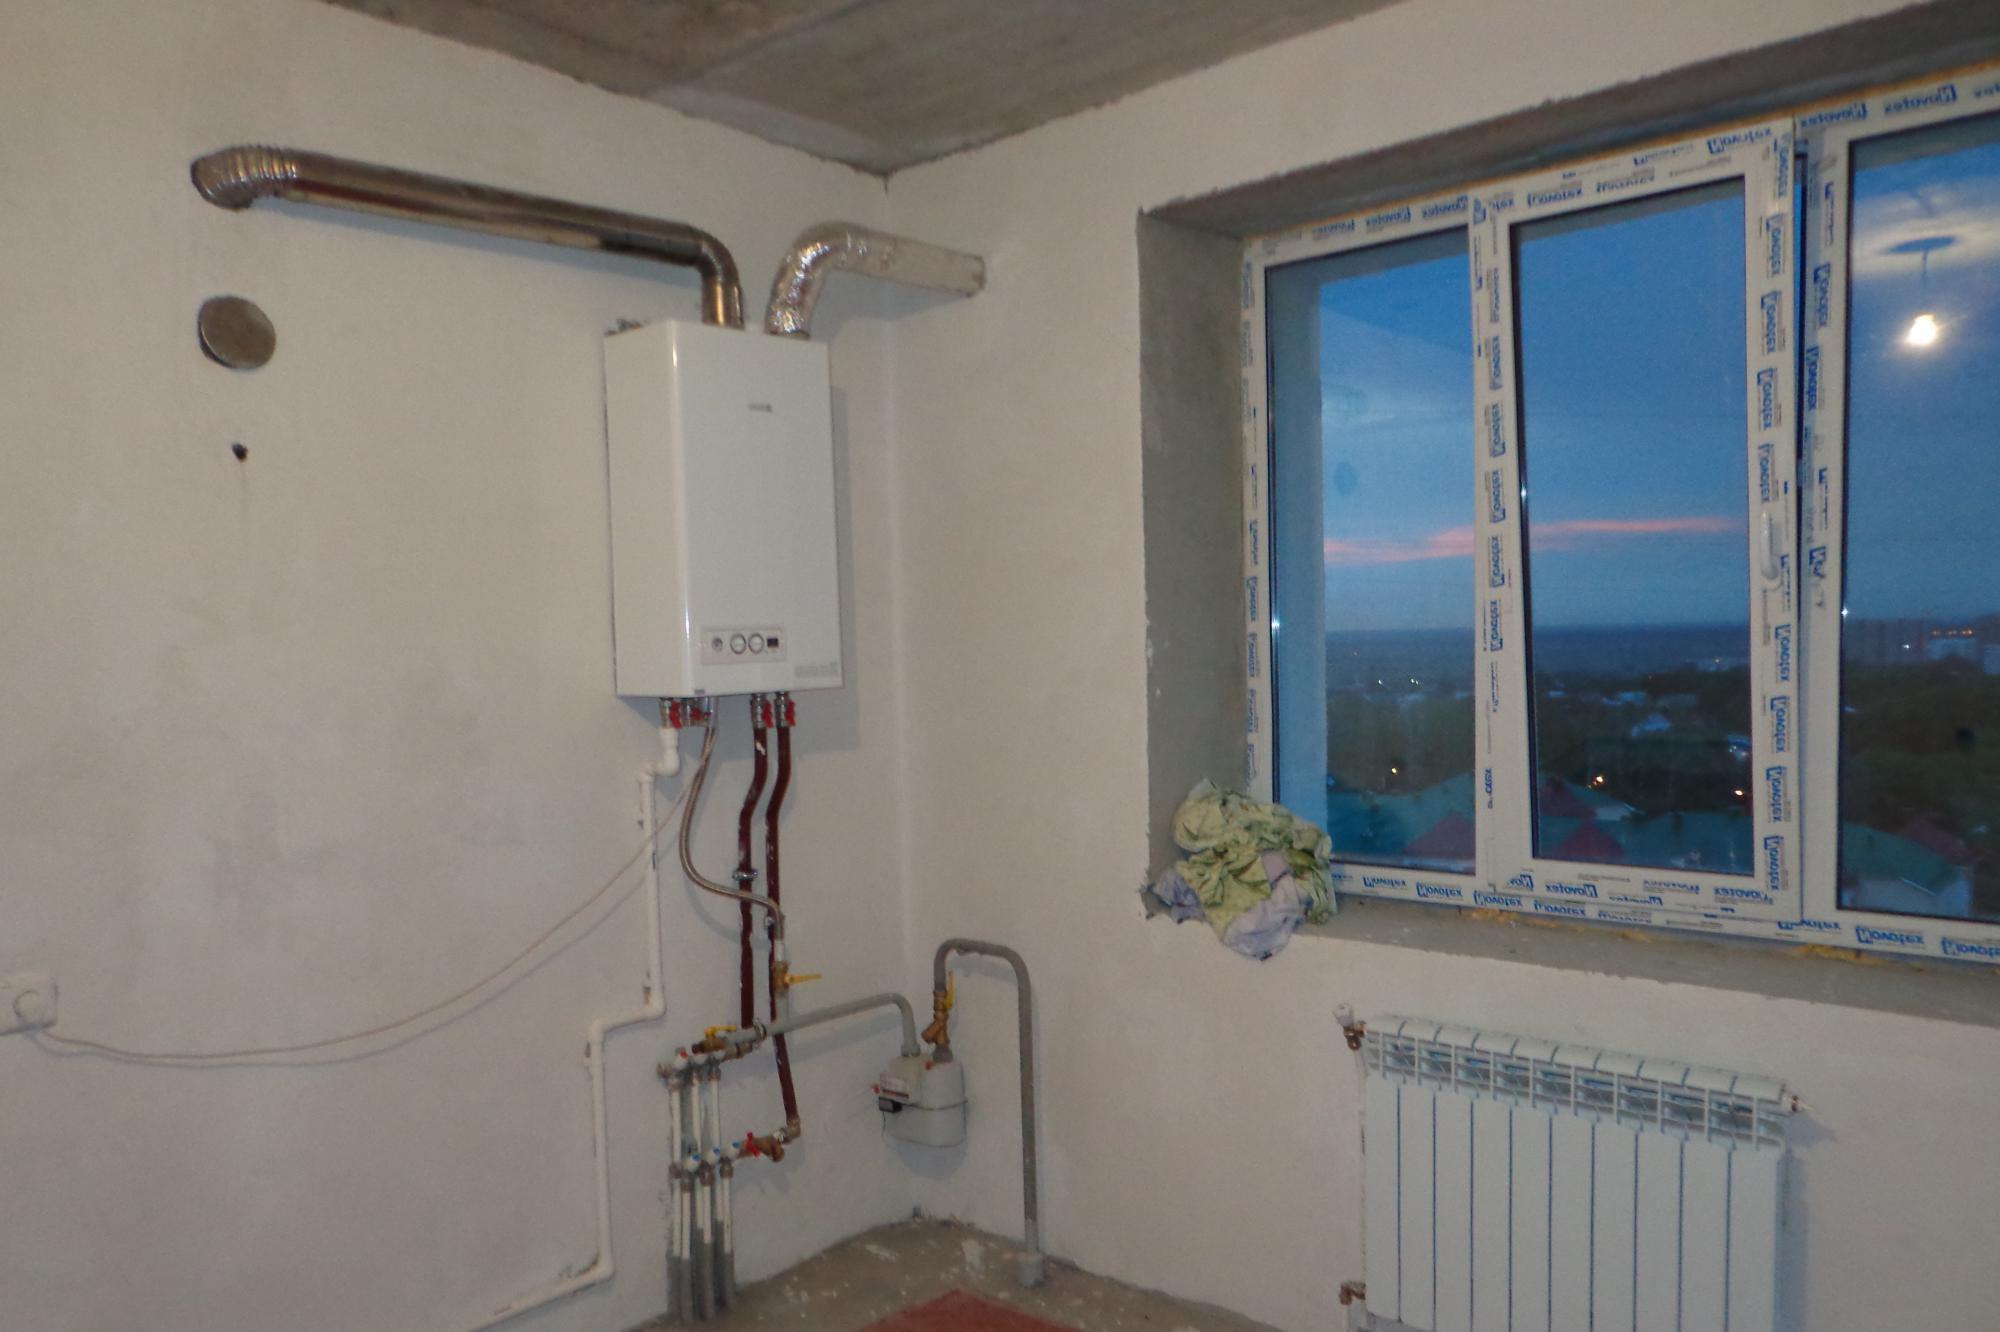 Можно ли сделать систему индивидуального отопления в квартире